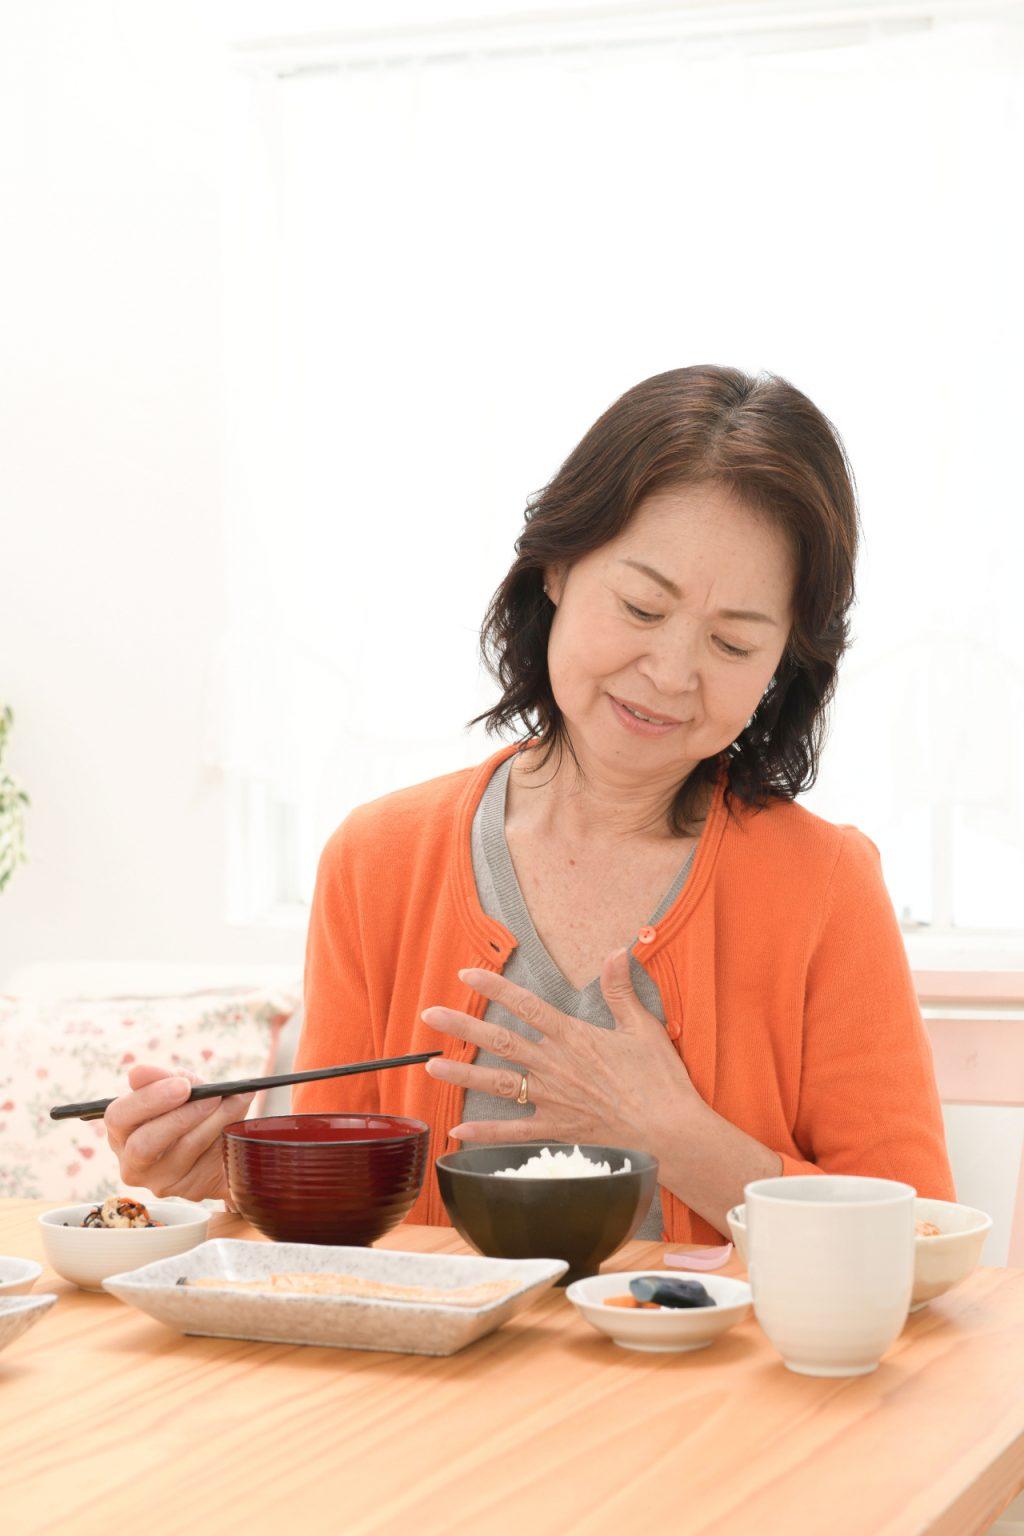 高齢者の嚥下障害について|原因・危険性・対処法まで詳しく解説